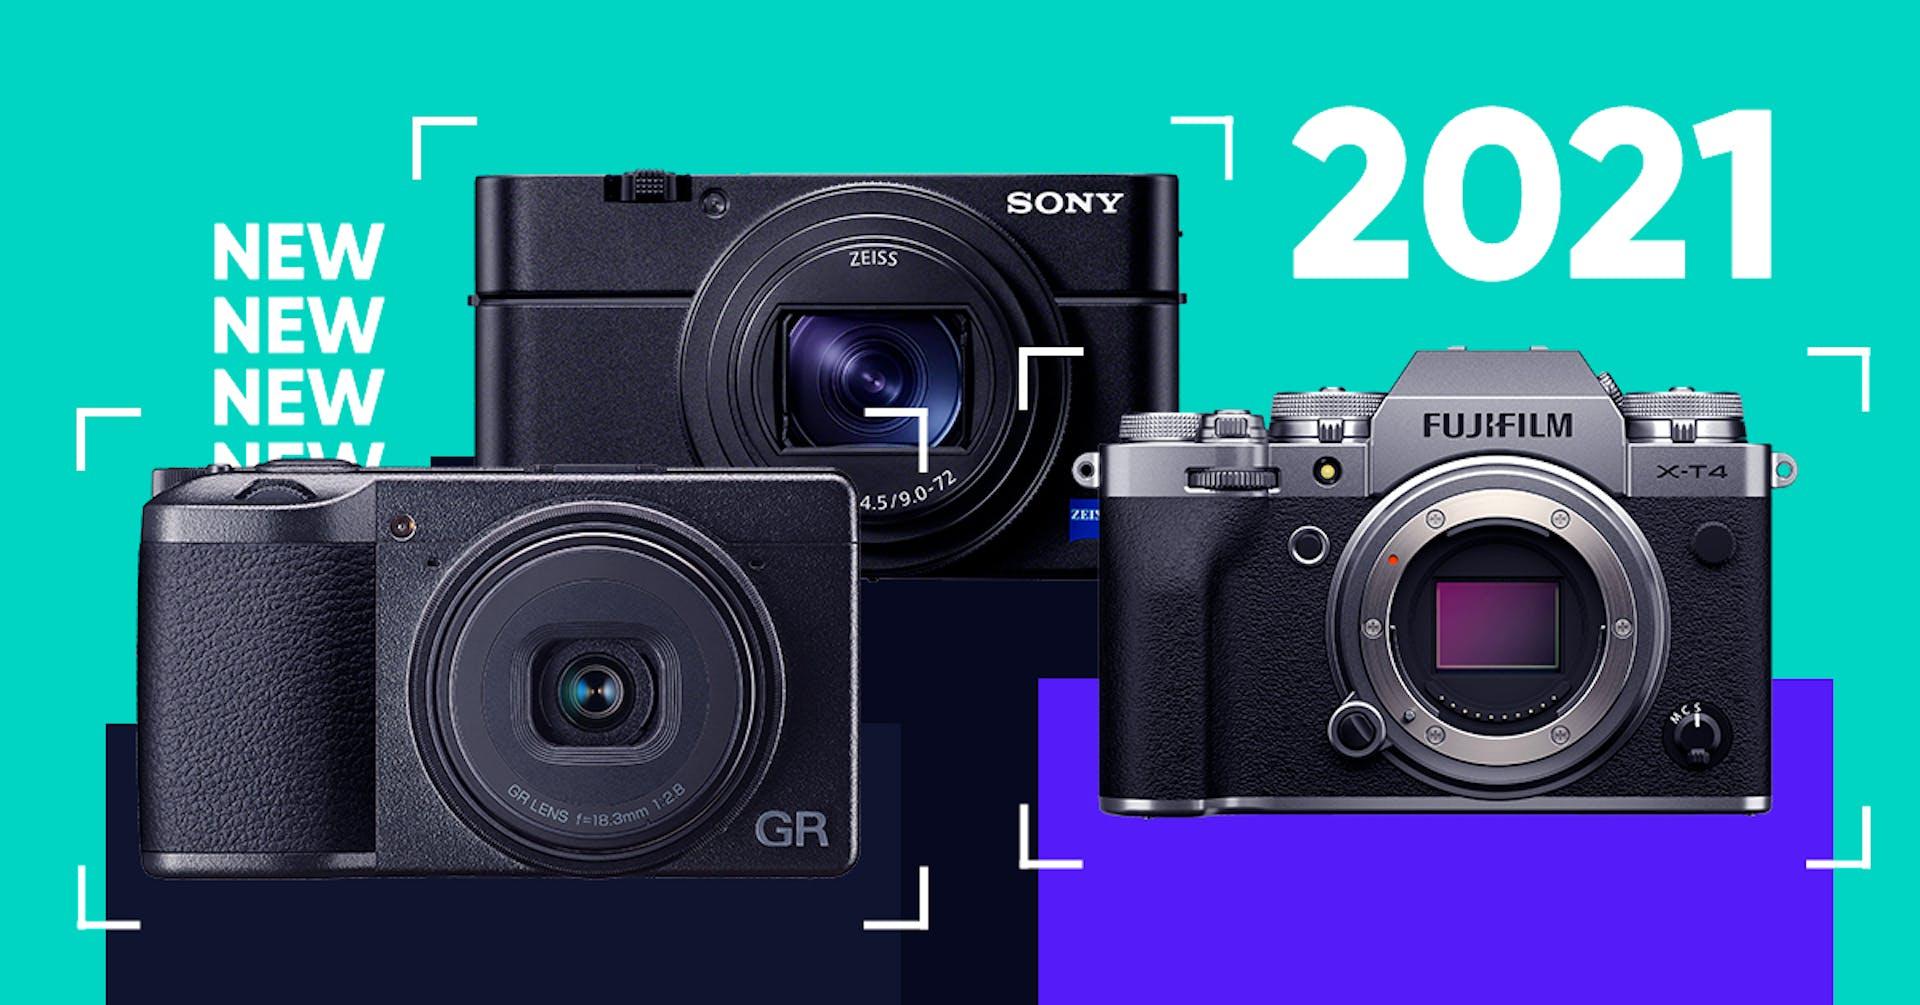 Las 15 mejores cámaras fotográficas profesionales que capturarán el 2021